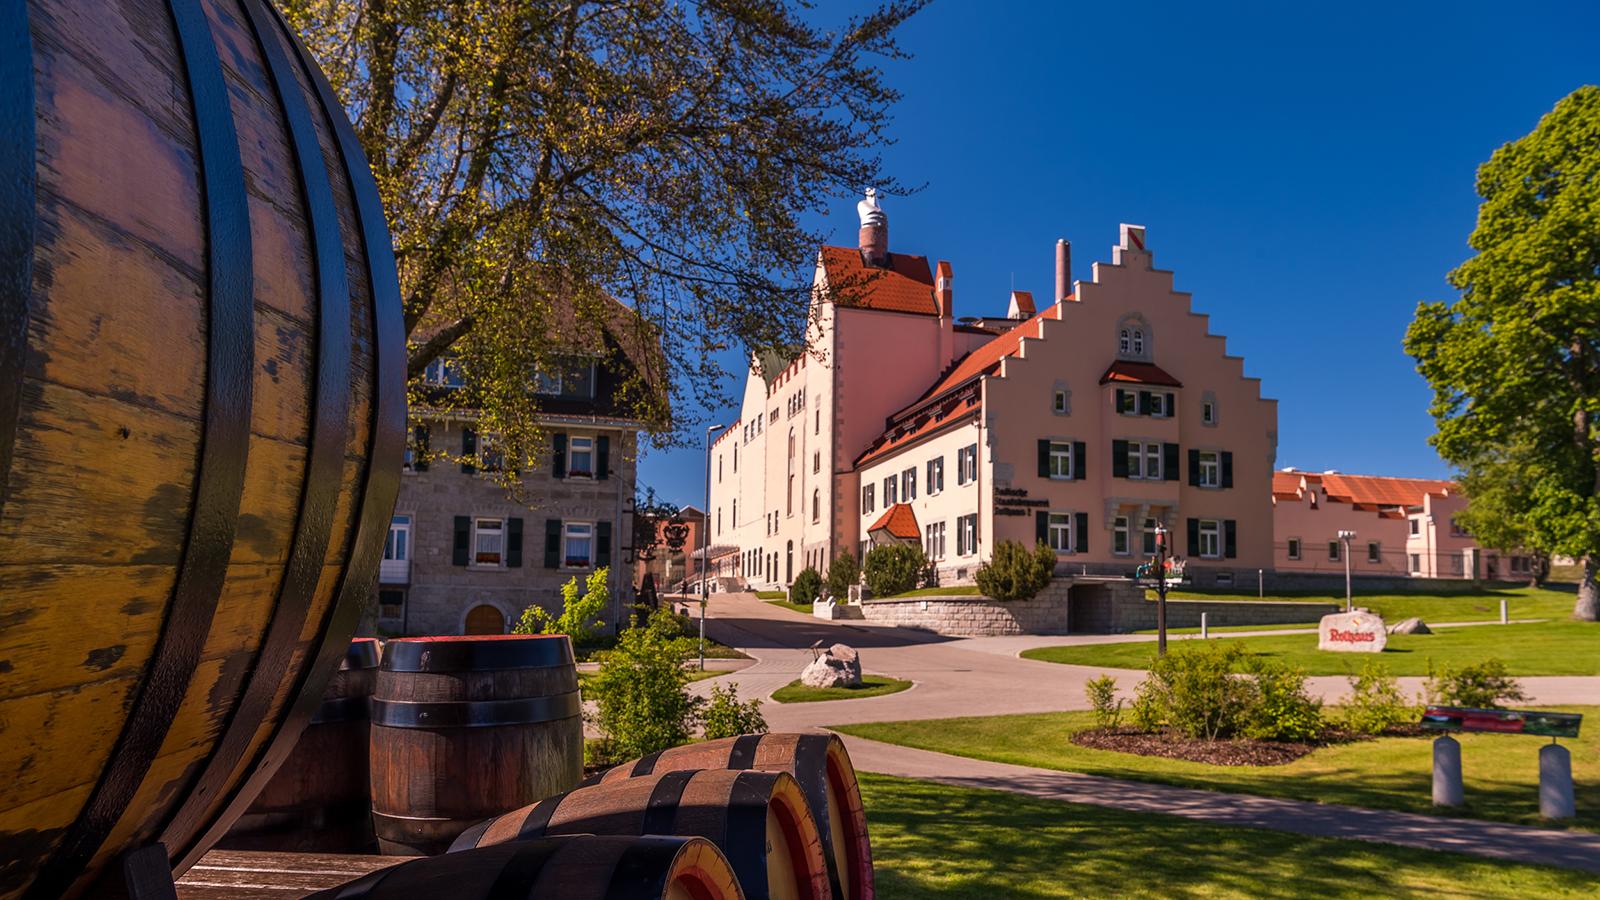 Bild 1 Brauereigasthof Rothaus